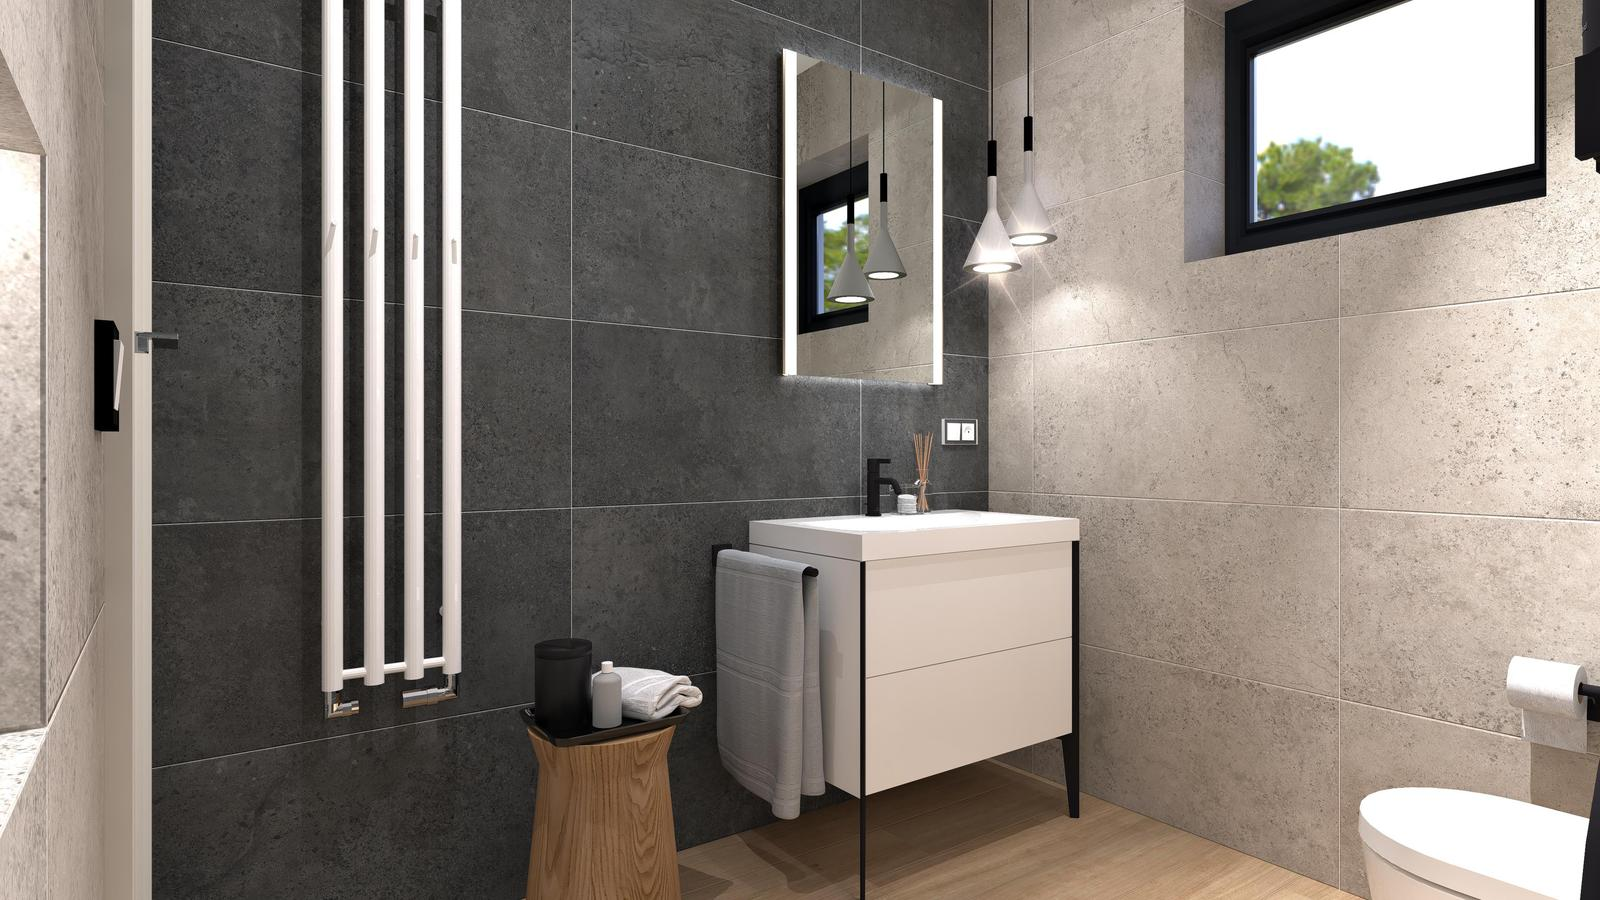 Návrhy kúpeľní 2021 - Obrázok č. 14